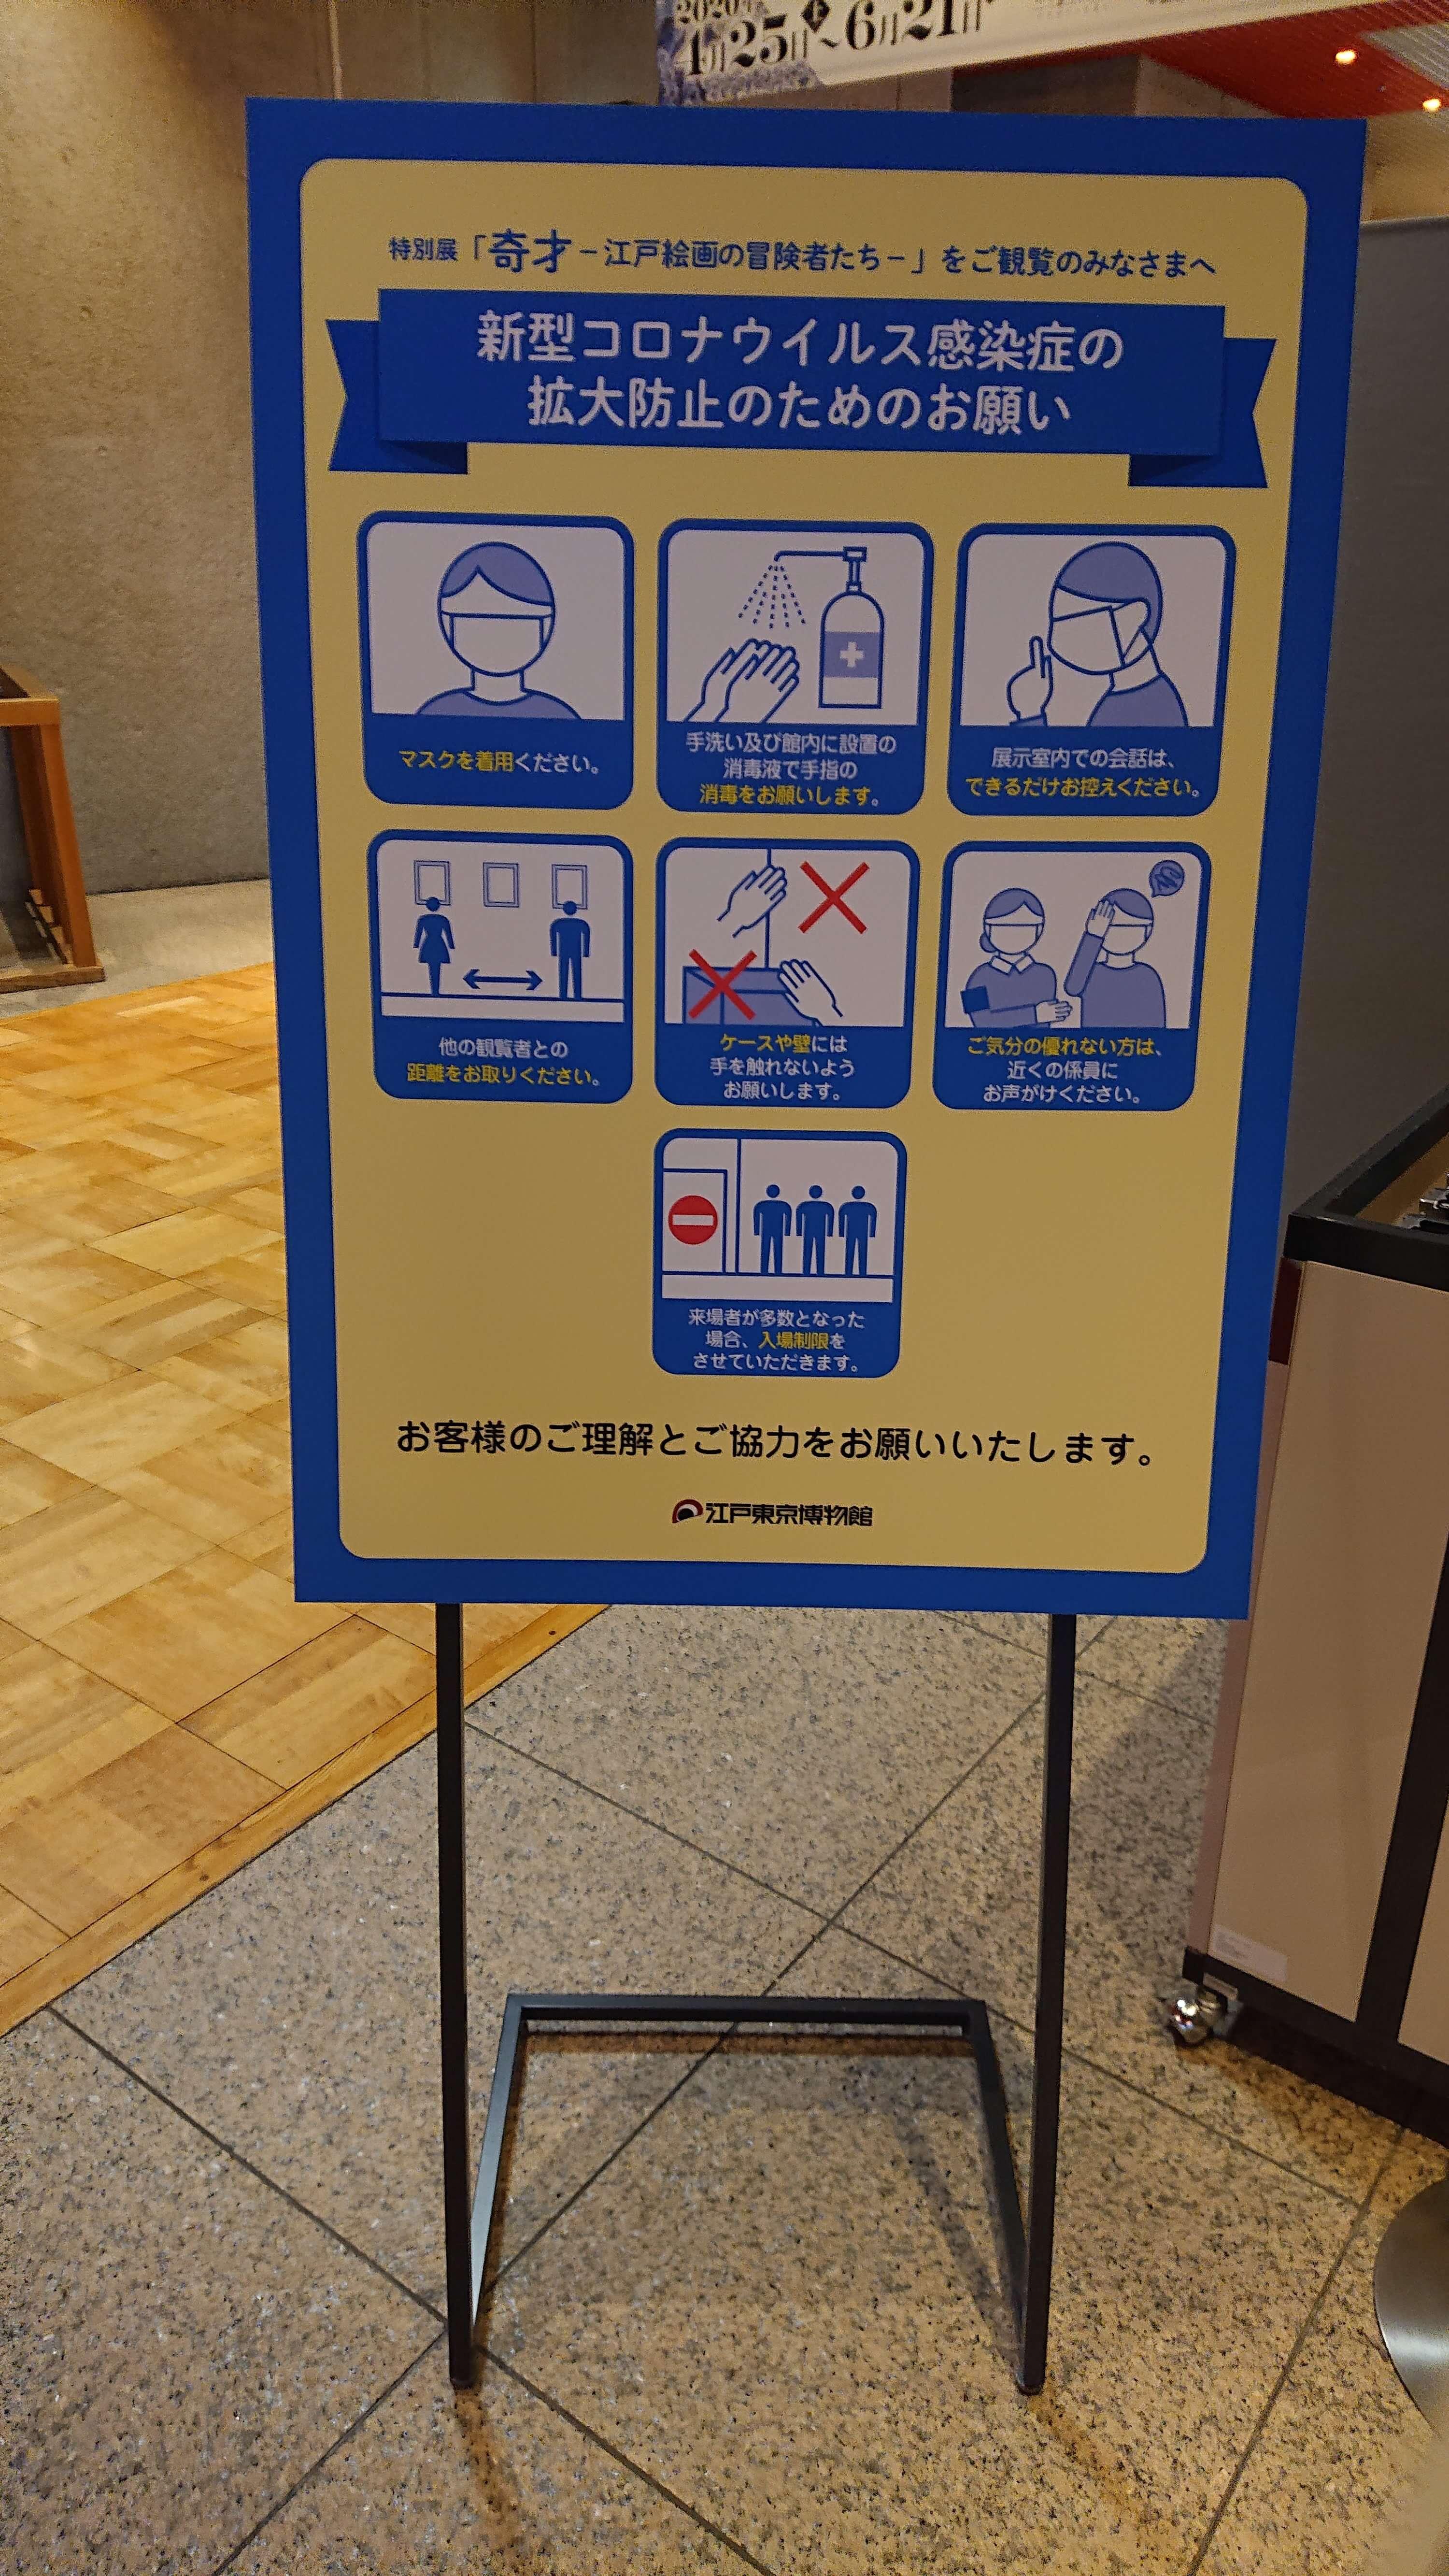 新型コロナウイルス感染拡大防止のお願い